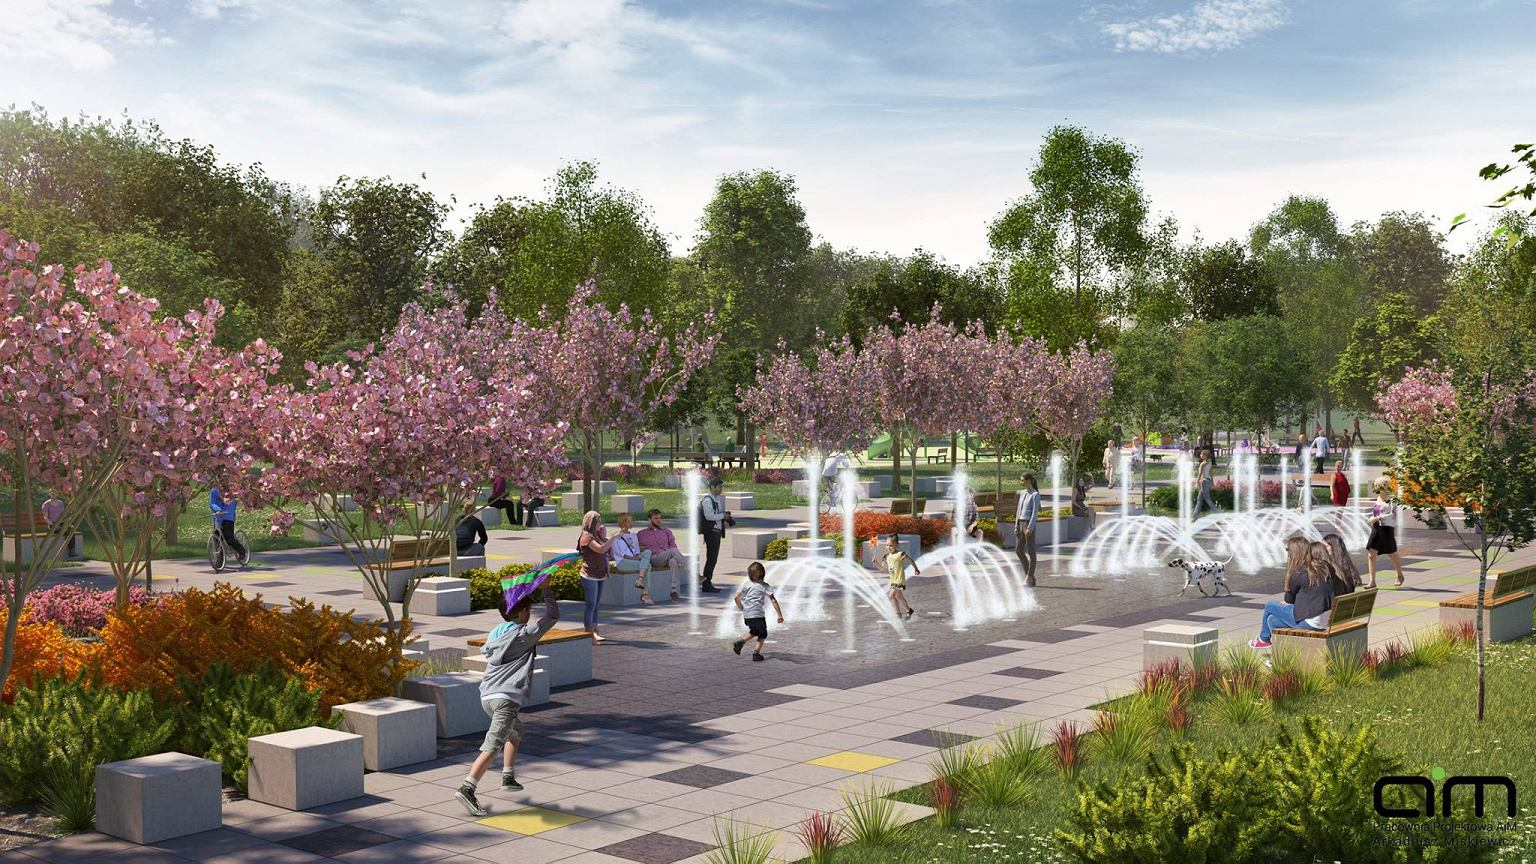 bd9d8907e5 XX wieku parku Zielona została zlecona dąbrowskiej firmie Greta Sport.  Początkowo miasto planowało przeznaczyć na inwestycję prawie 20 mln zł.